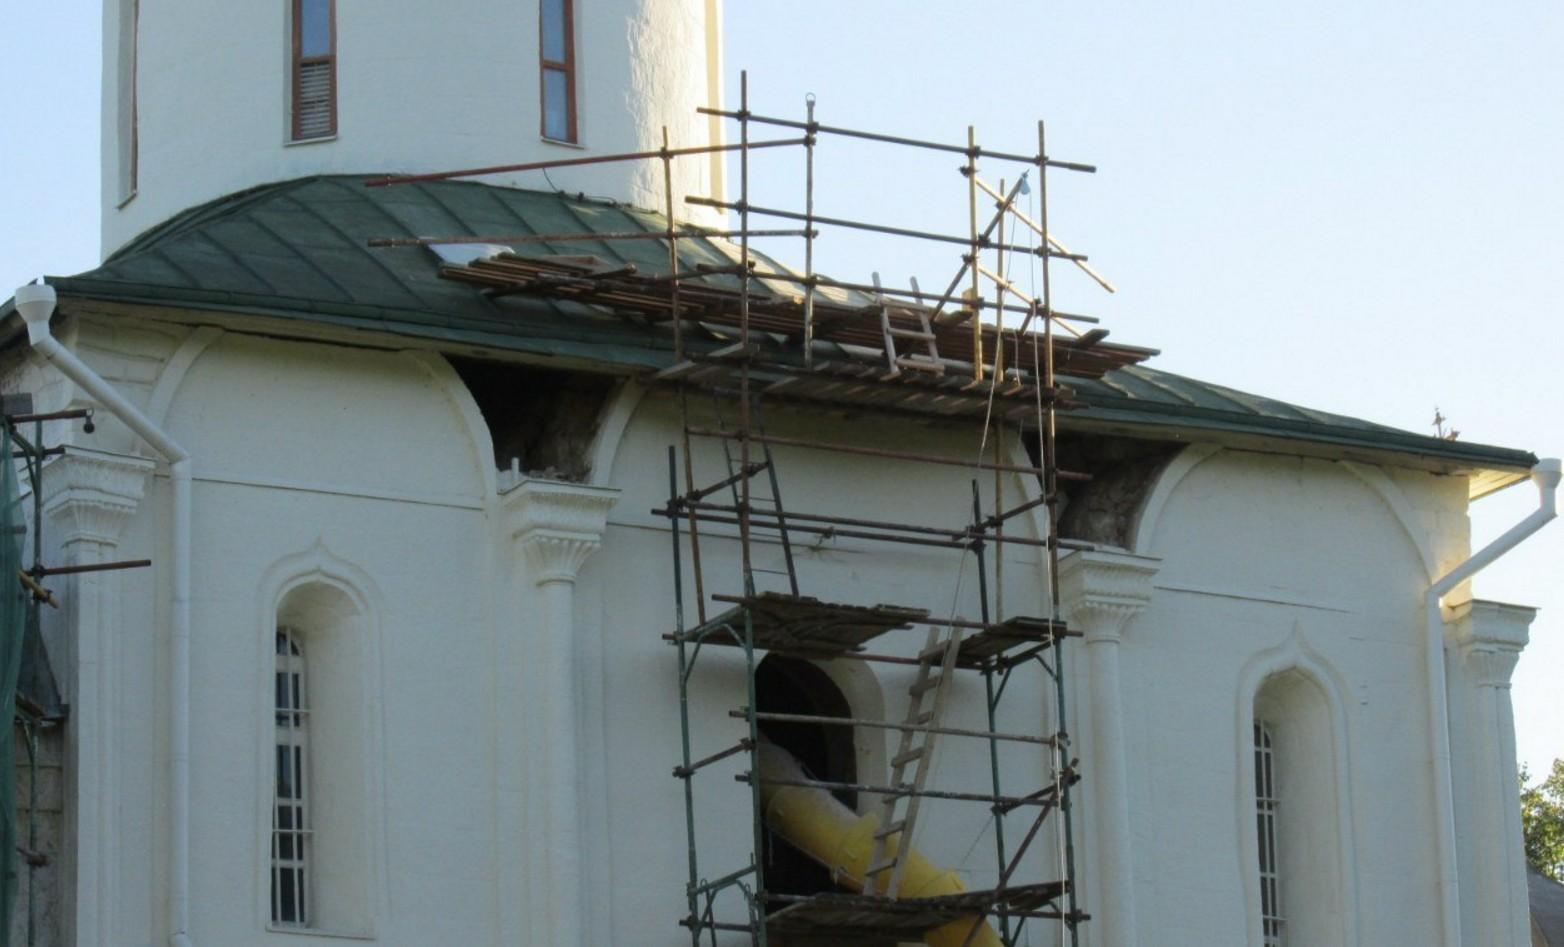 Des nids d'oiseaux vieux de 200 ans recèlent des trésors, témoignages du passé d'une ville russe